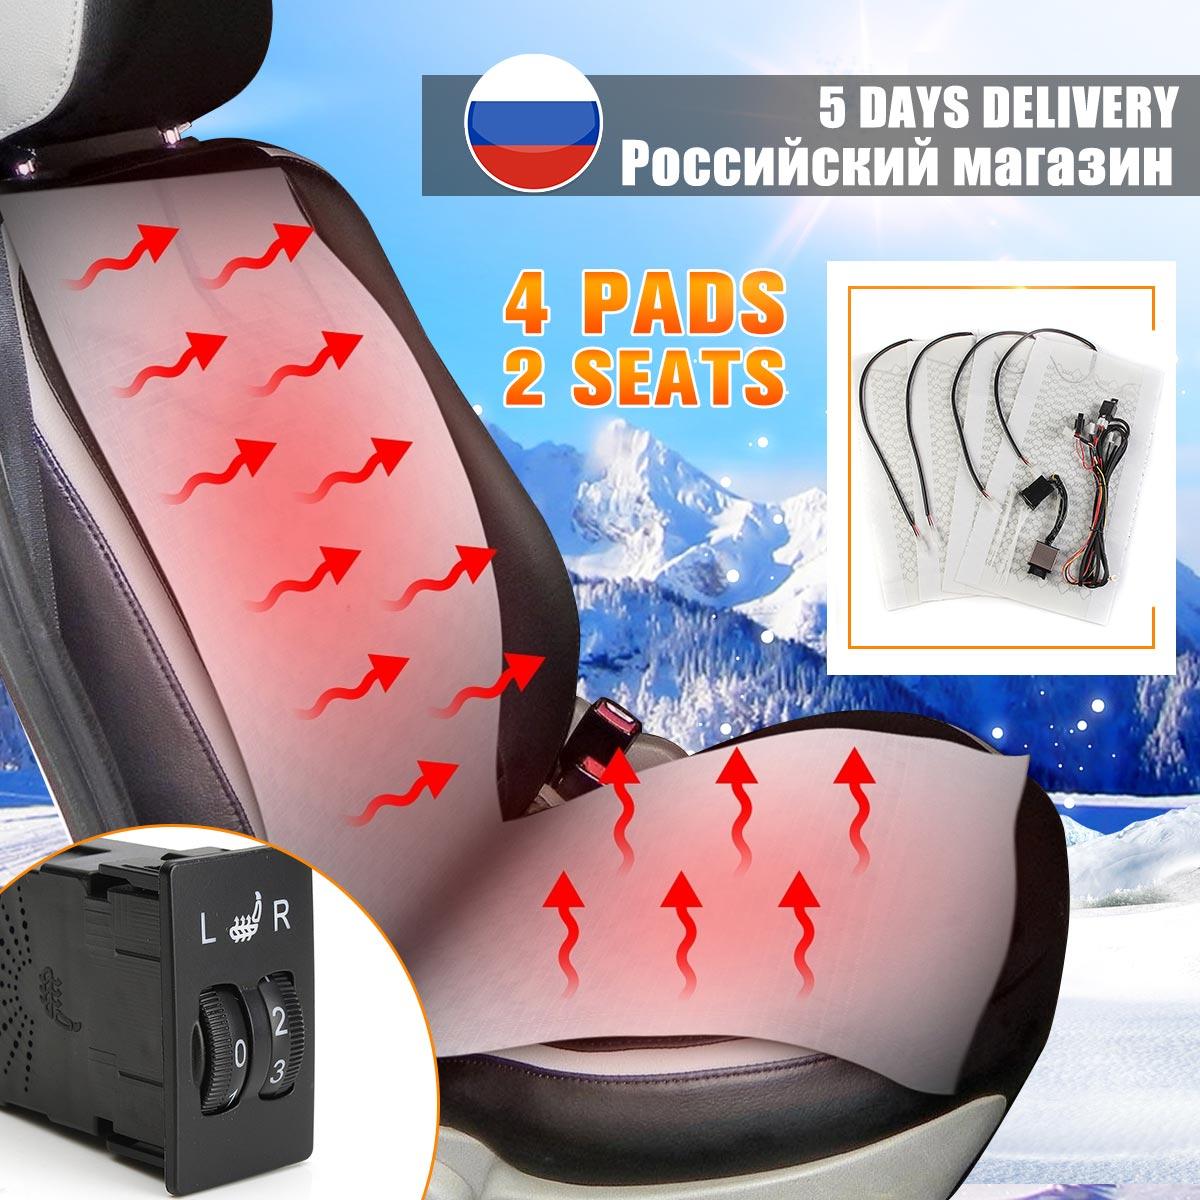 2 sitze 4 Pads Universal-Carbon Faser Beheizte Sitz Heizung 12 v Pads 2 Zifferblatt 5 Ebene Schalter Winter Wärmer sitzbezüge